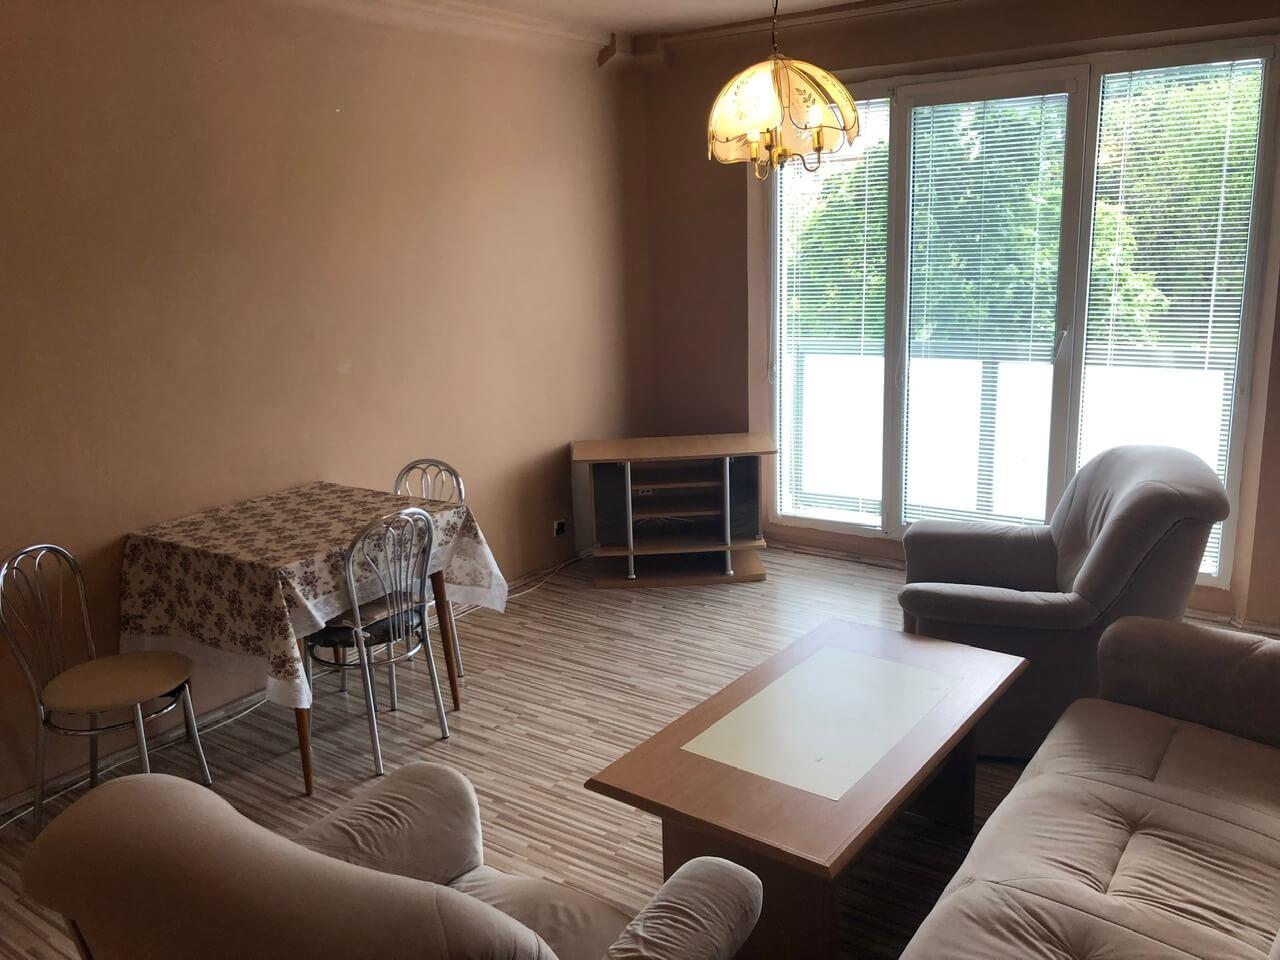 Prenajatý: 3 izbový byt, Račianska 85, 63m2, balkon 10m2, výborná lokalita-2